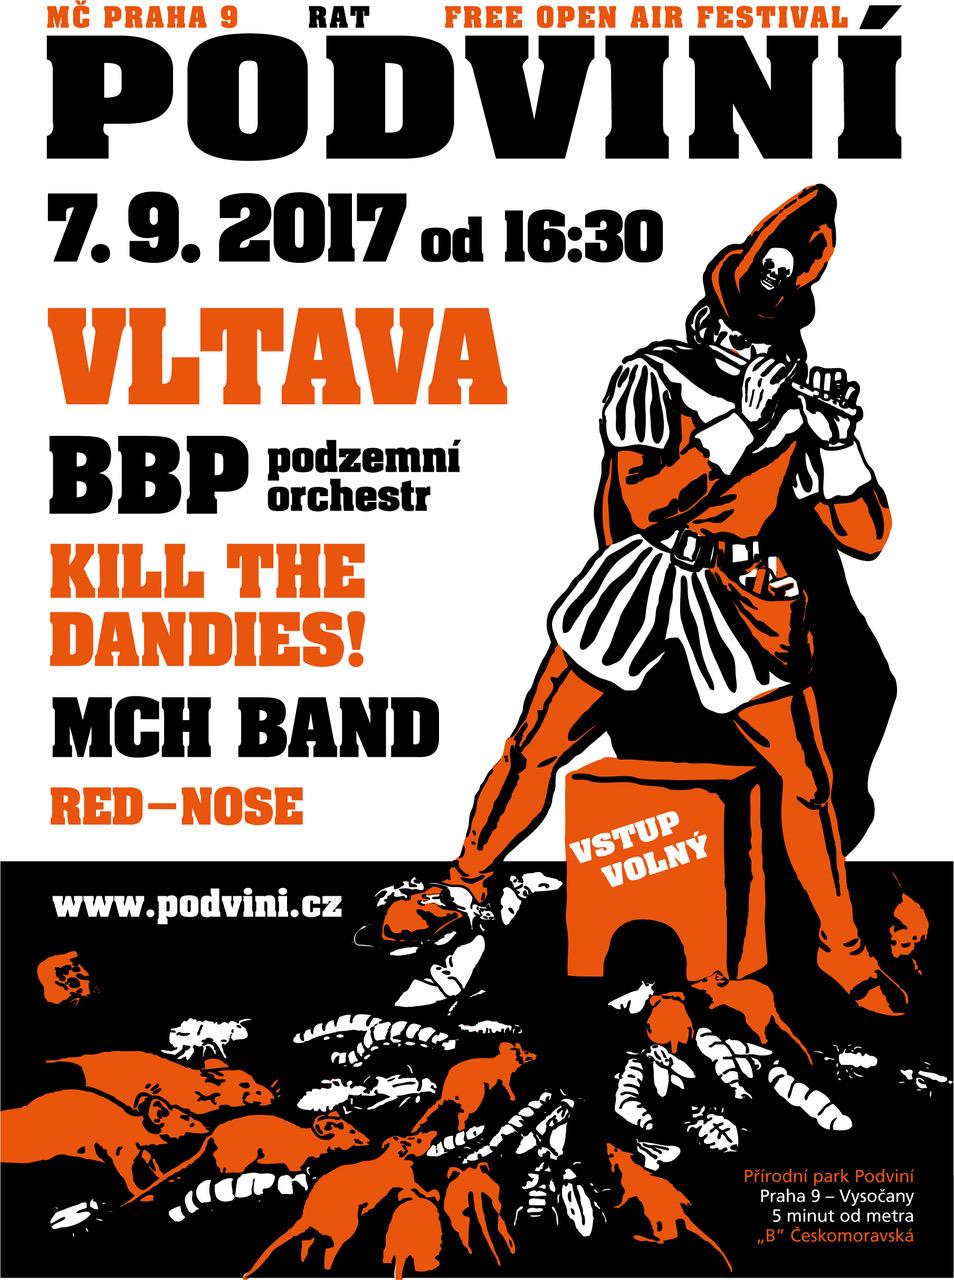 34e2138d5c60 Podviní - free open air festival - rock i folk v krásném parku v ...